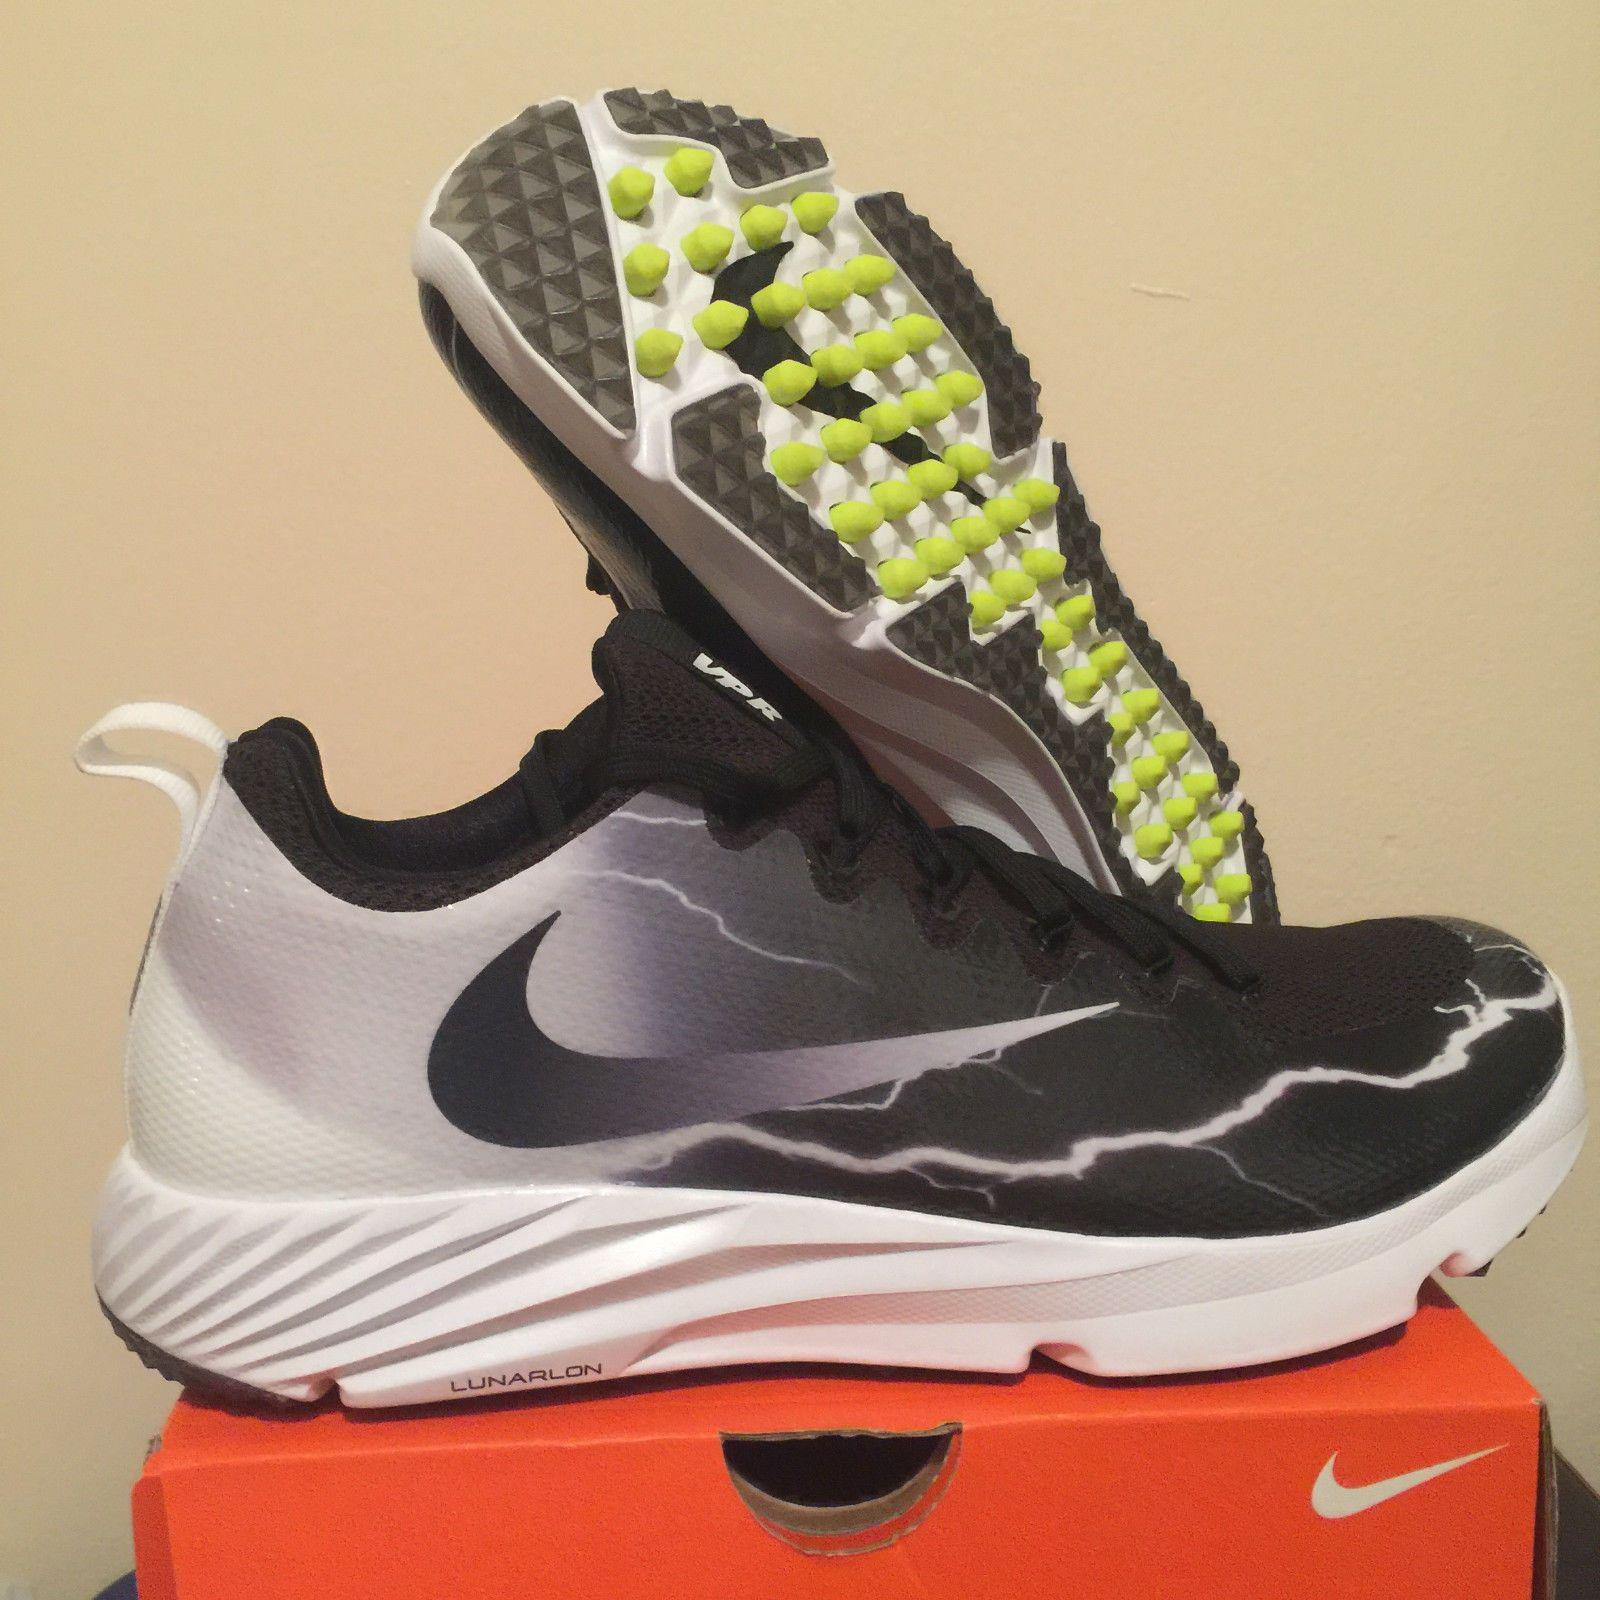 f240798fe5 NIKE VAPOR SPEED TURF LTNG LIGHTNING MENS FOOTBALL CLEAT 847100-010 BLACK  $110